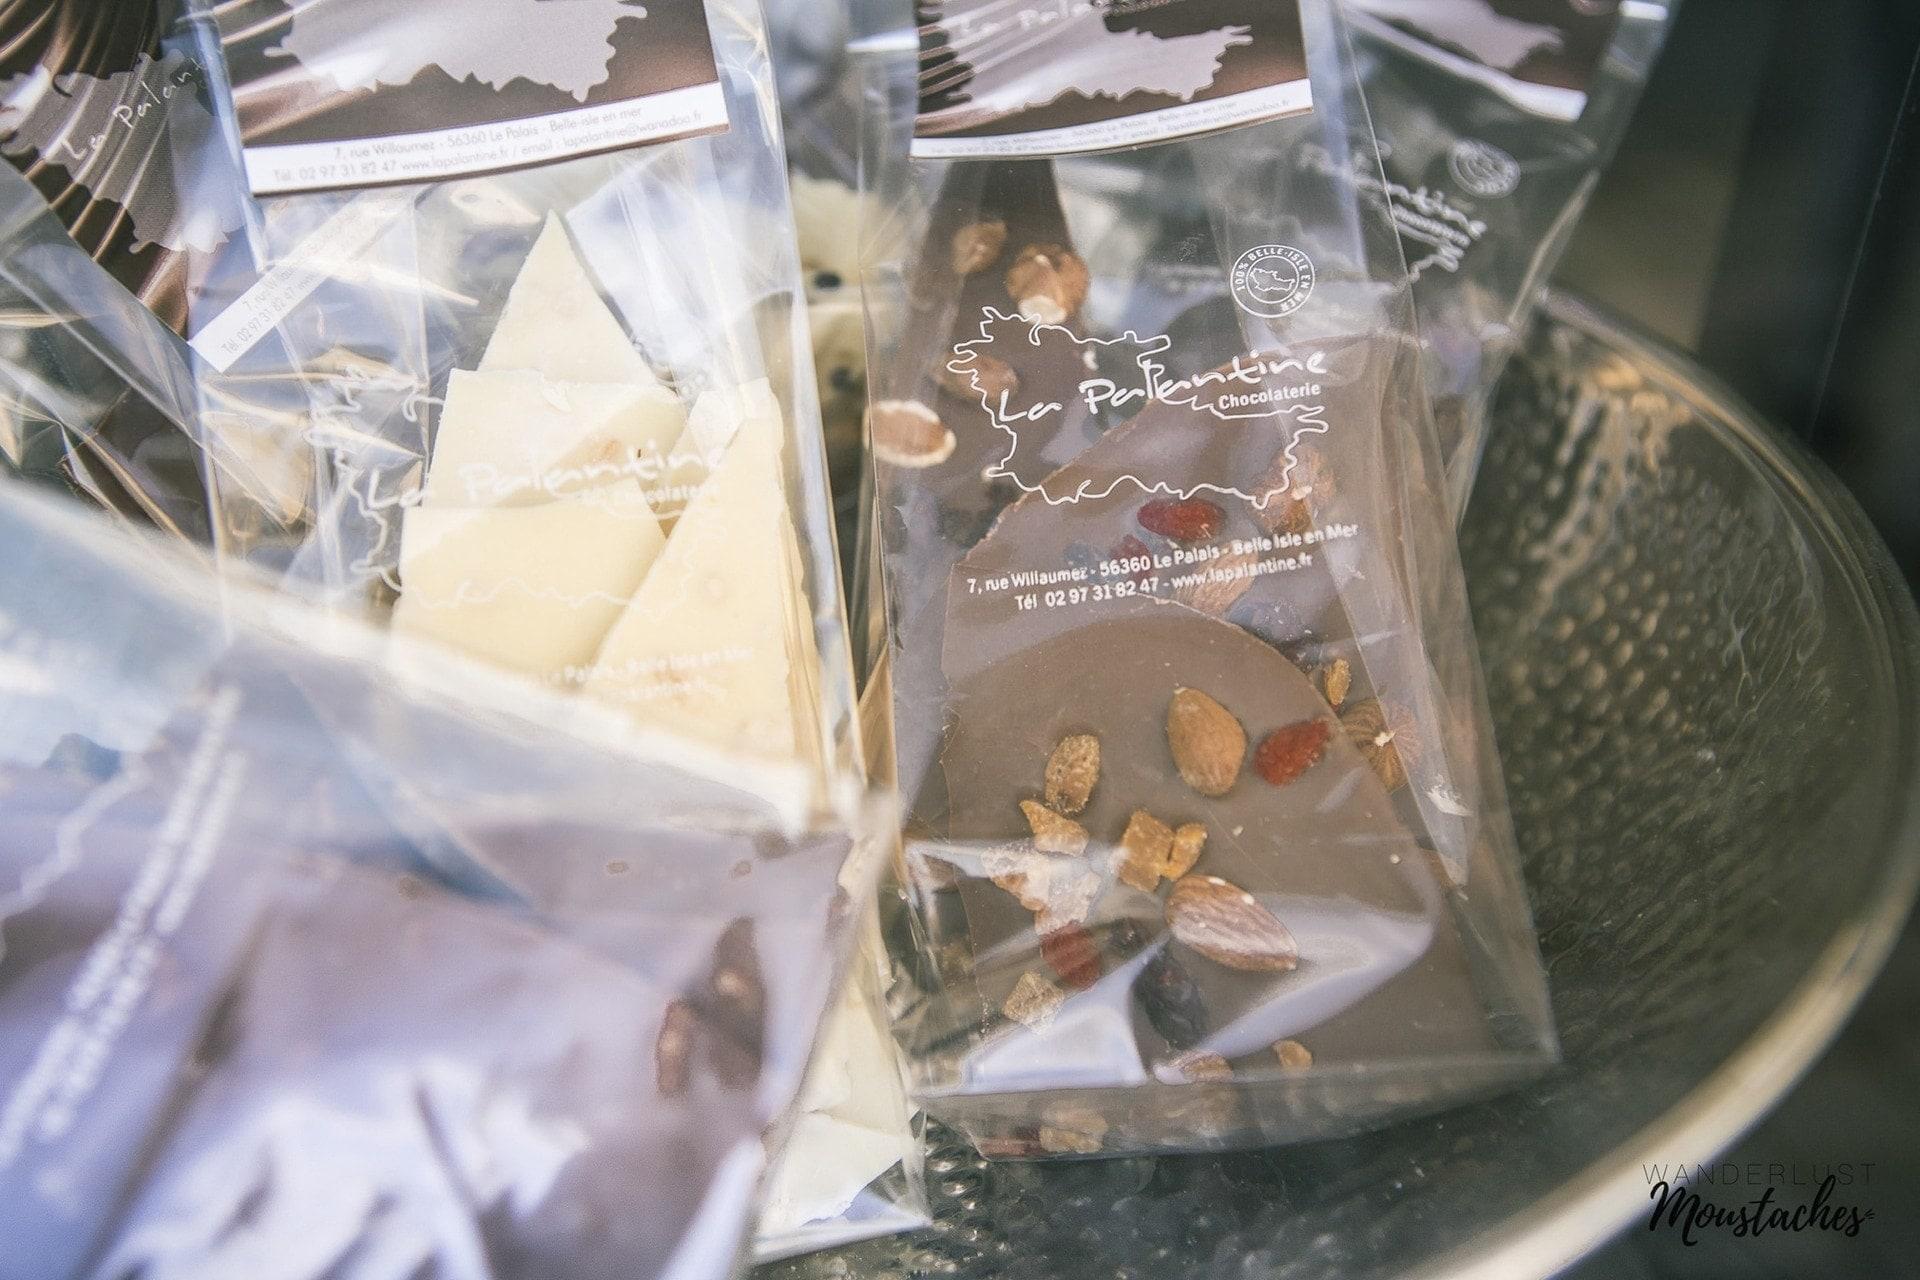 Les chocolats de la Palantine à Belle ile en Mer